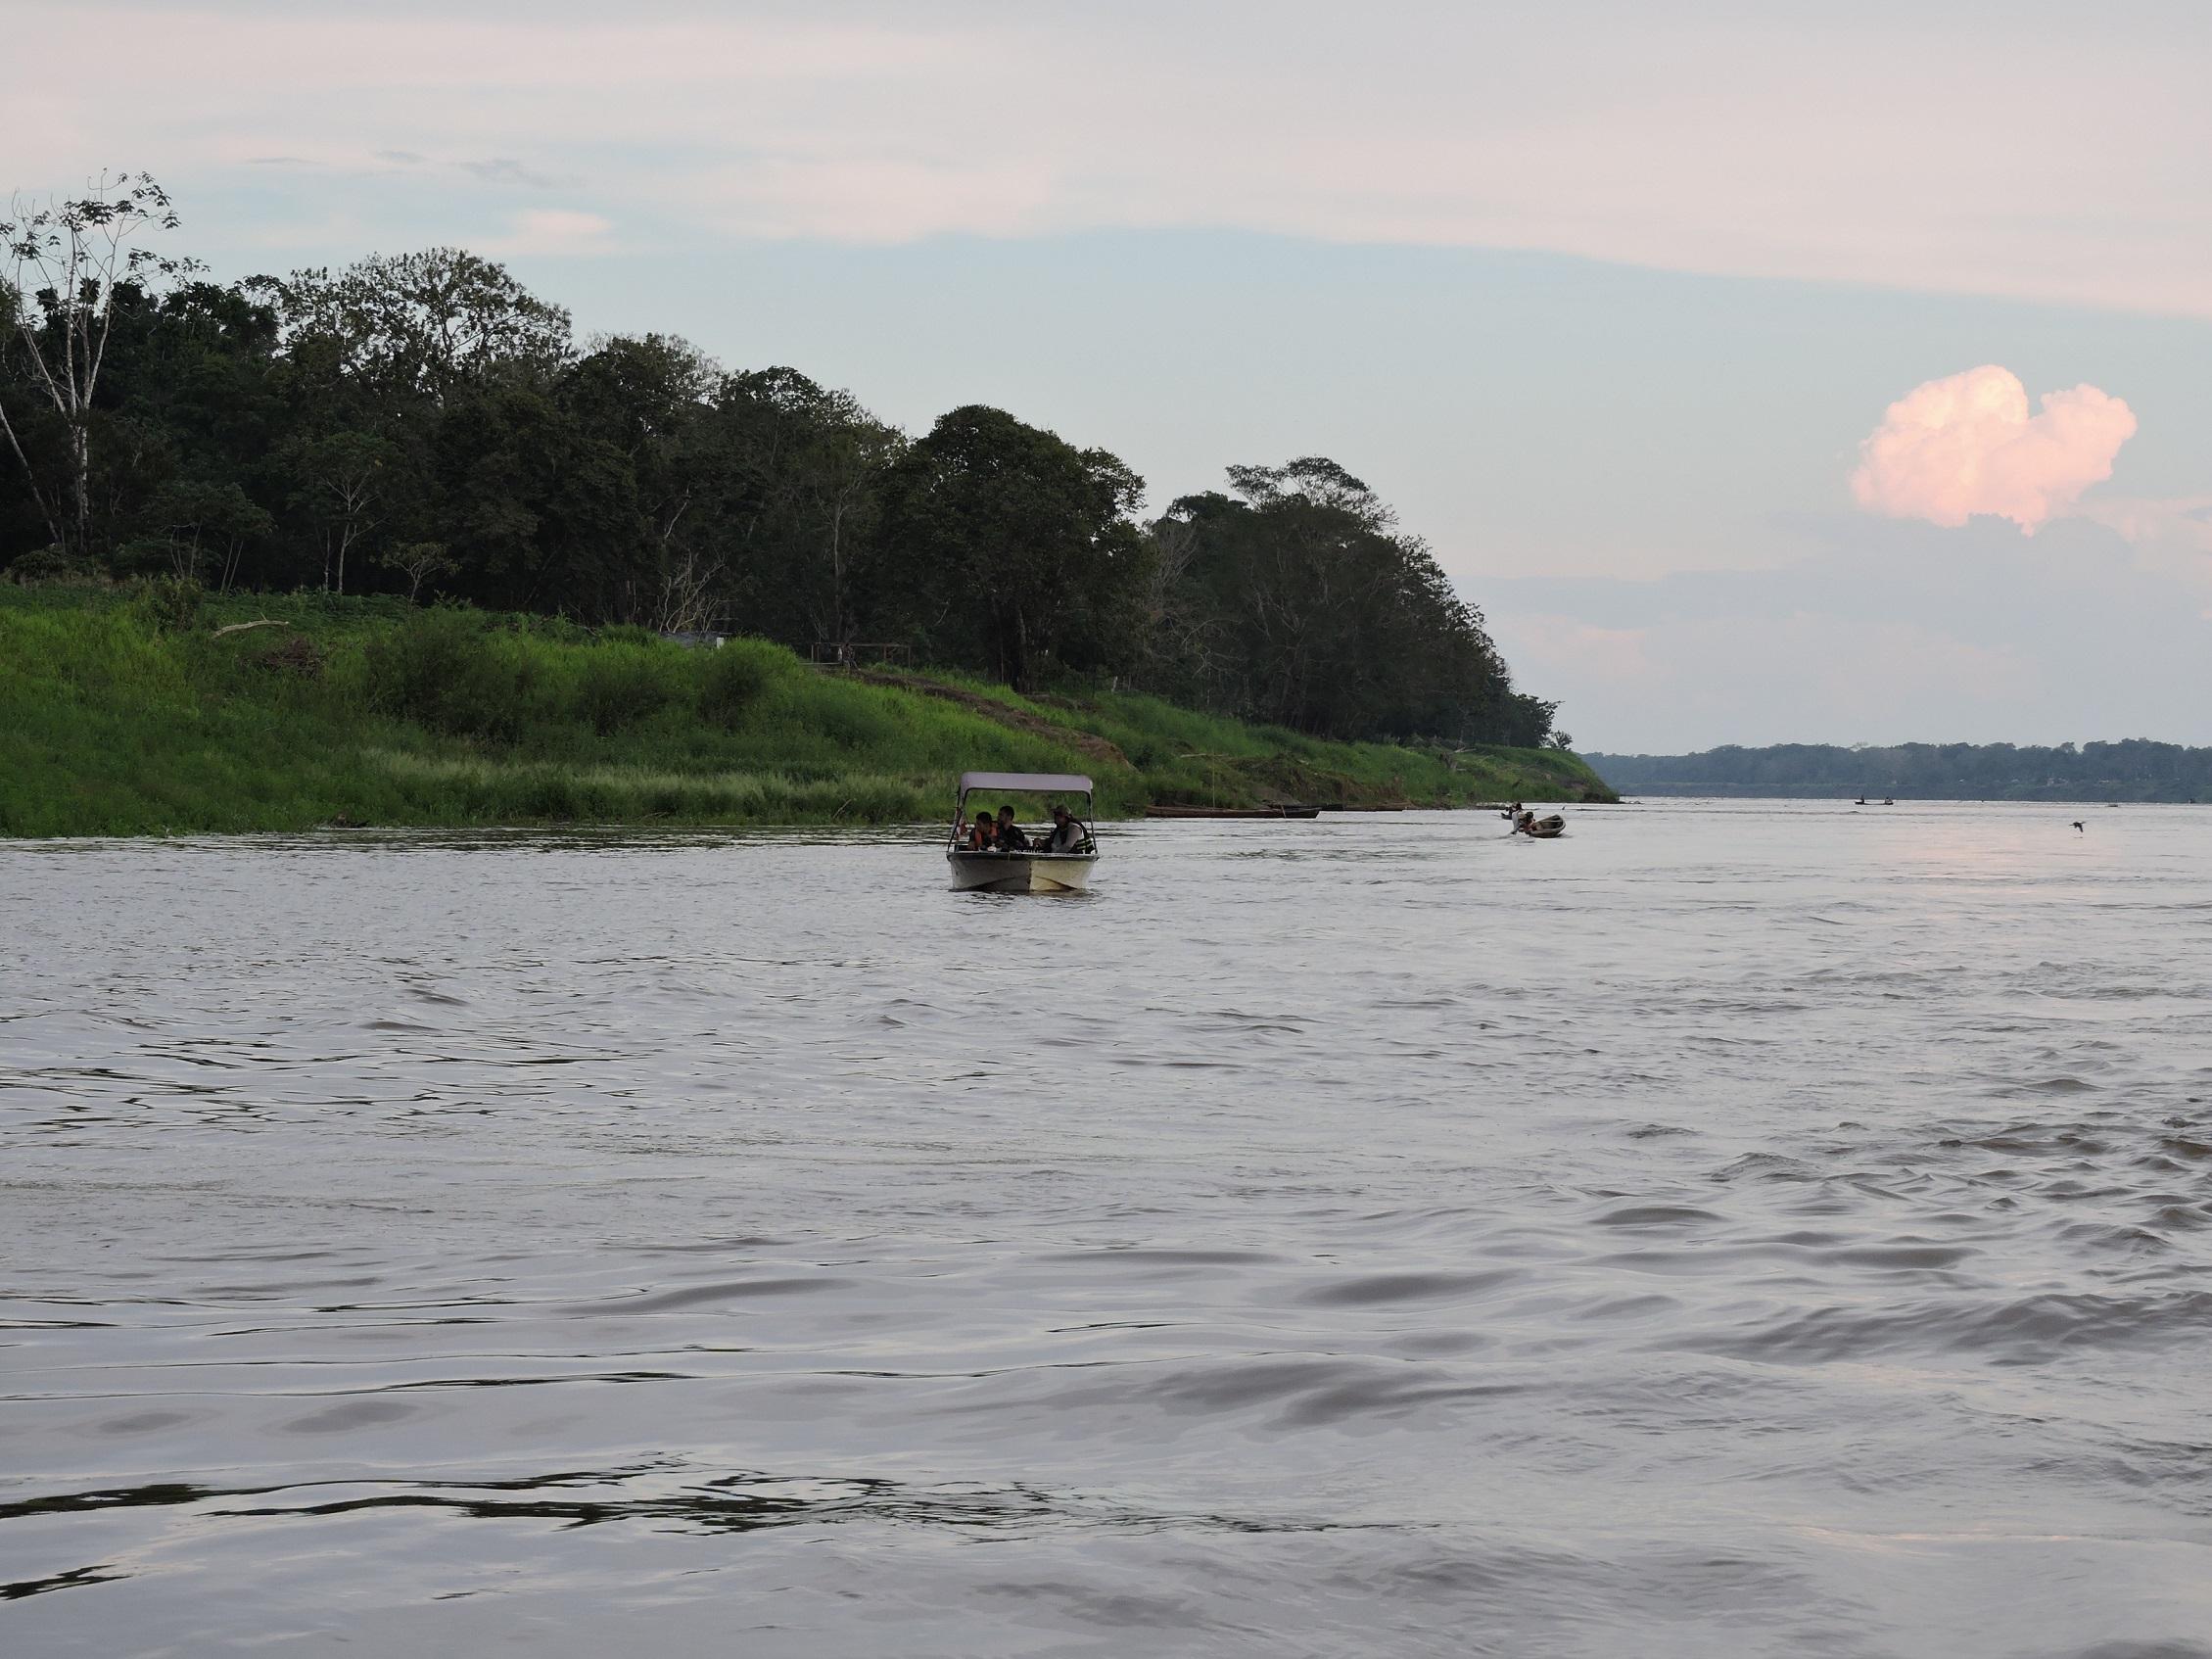 El río Amazonas. Foto: Mónica Morales (Instituto Humboldt).